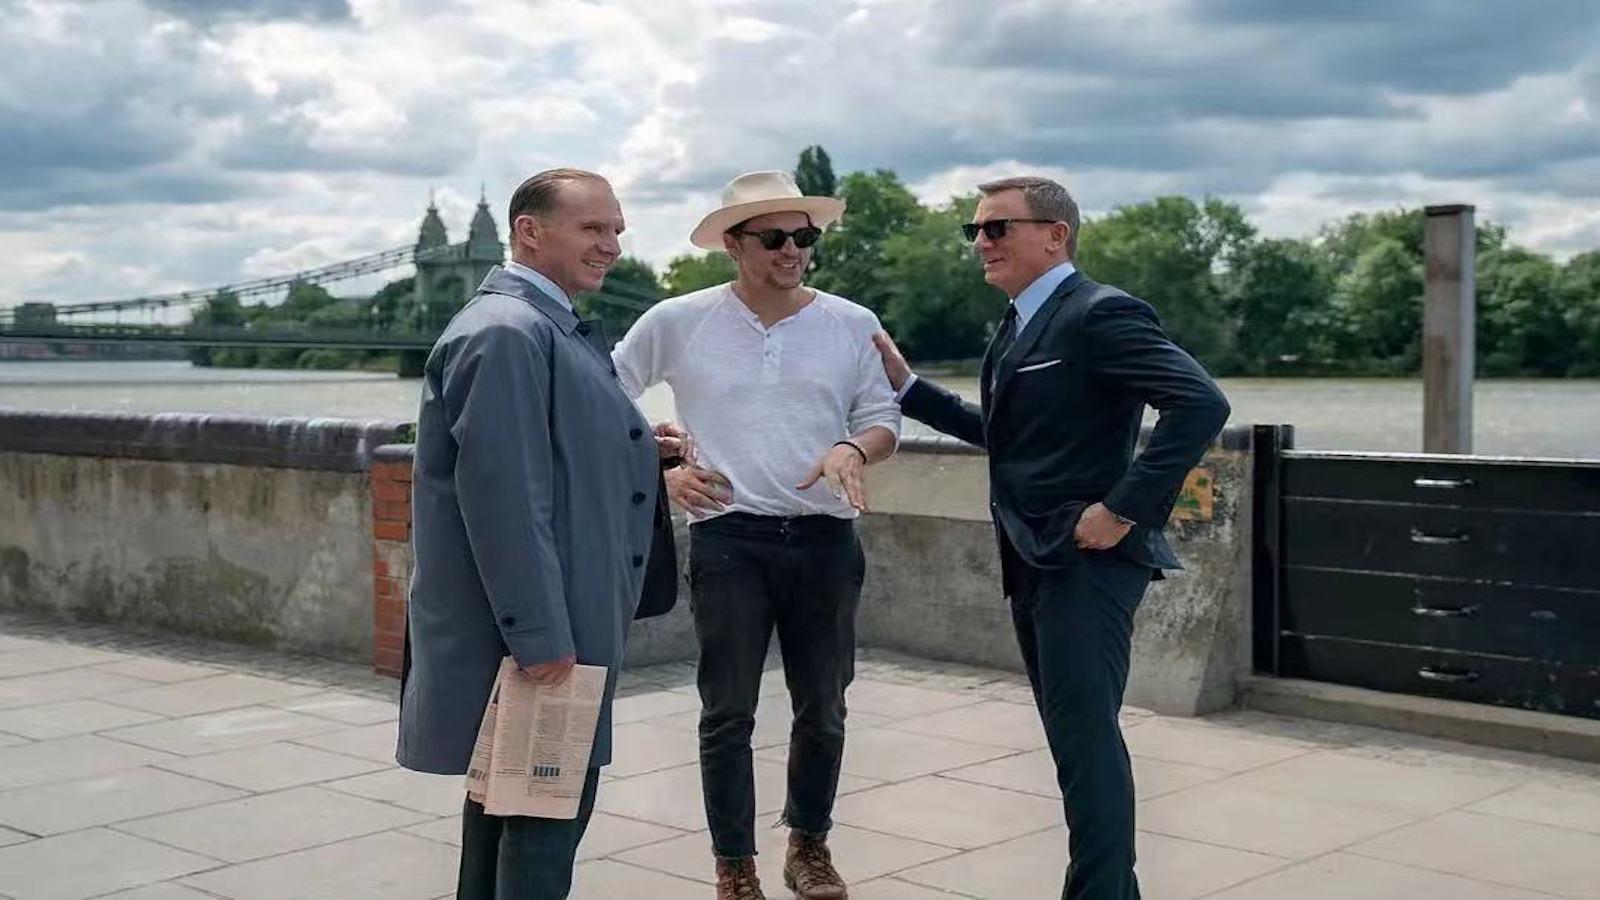 """《007:无暇赴死》发布""""幽灵再现""""片段 邦女郎慌乱失措 007深陷迷局"""